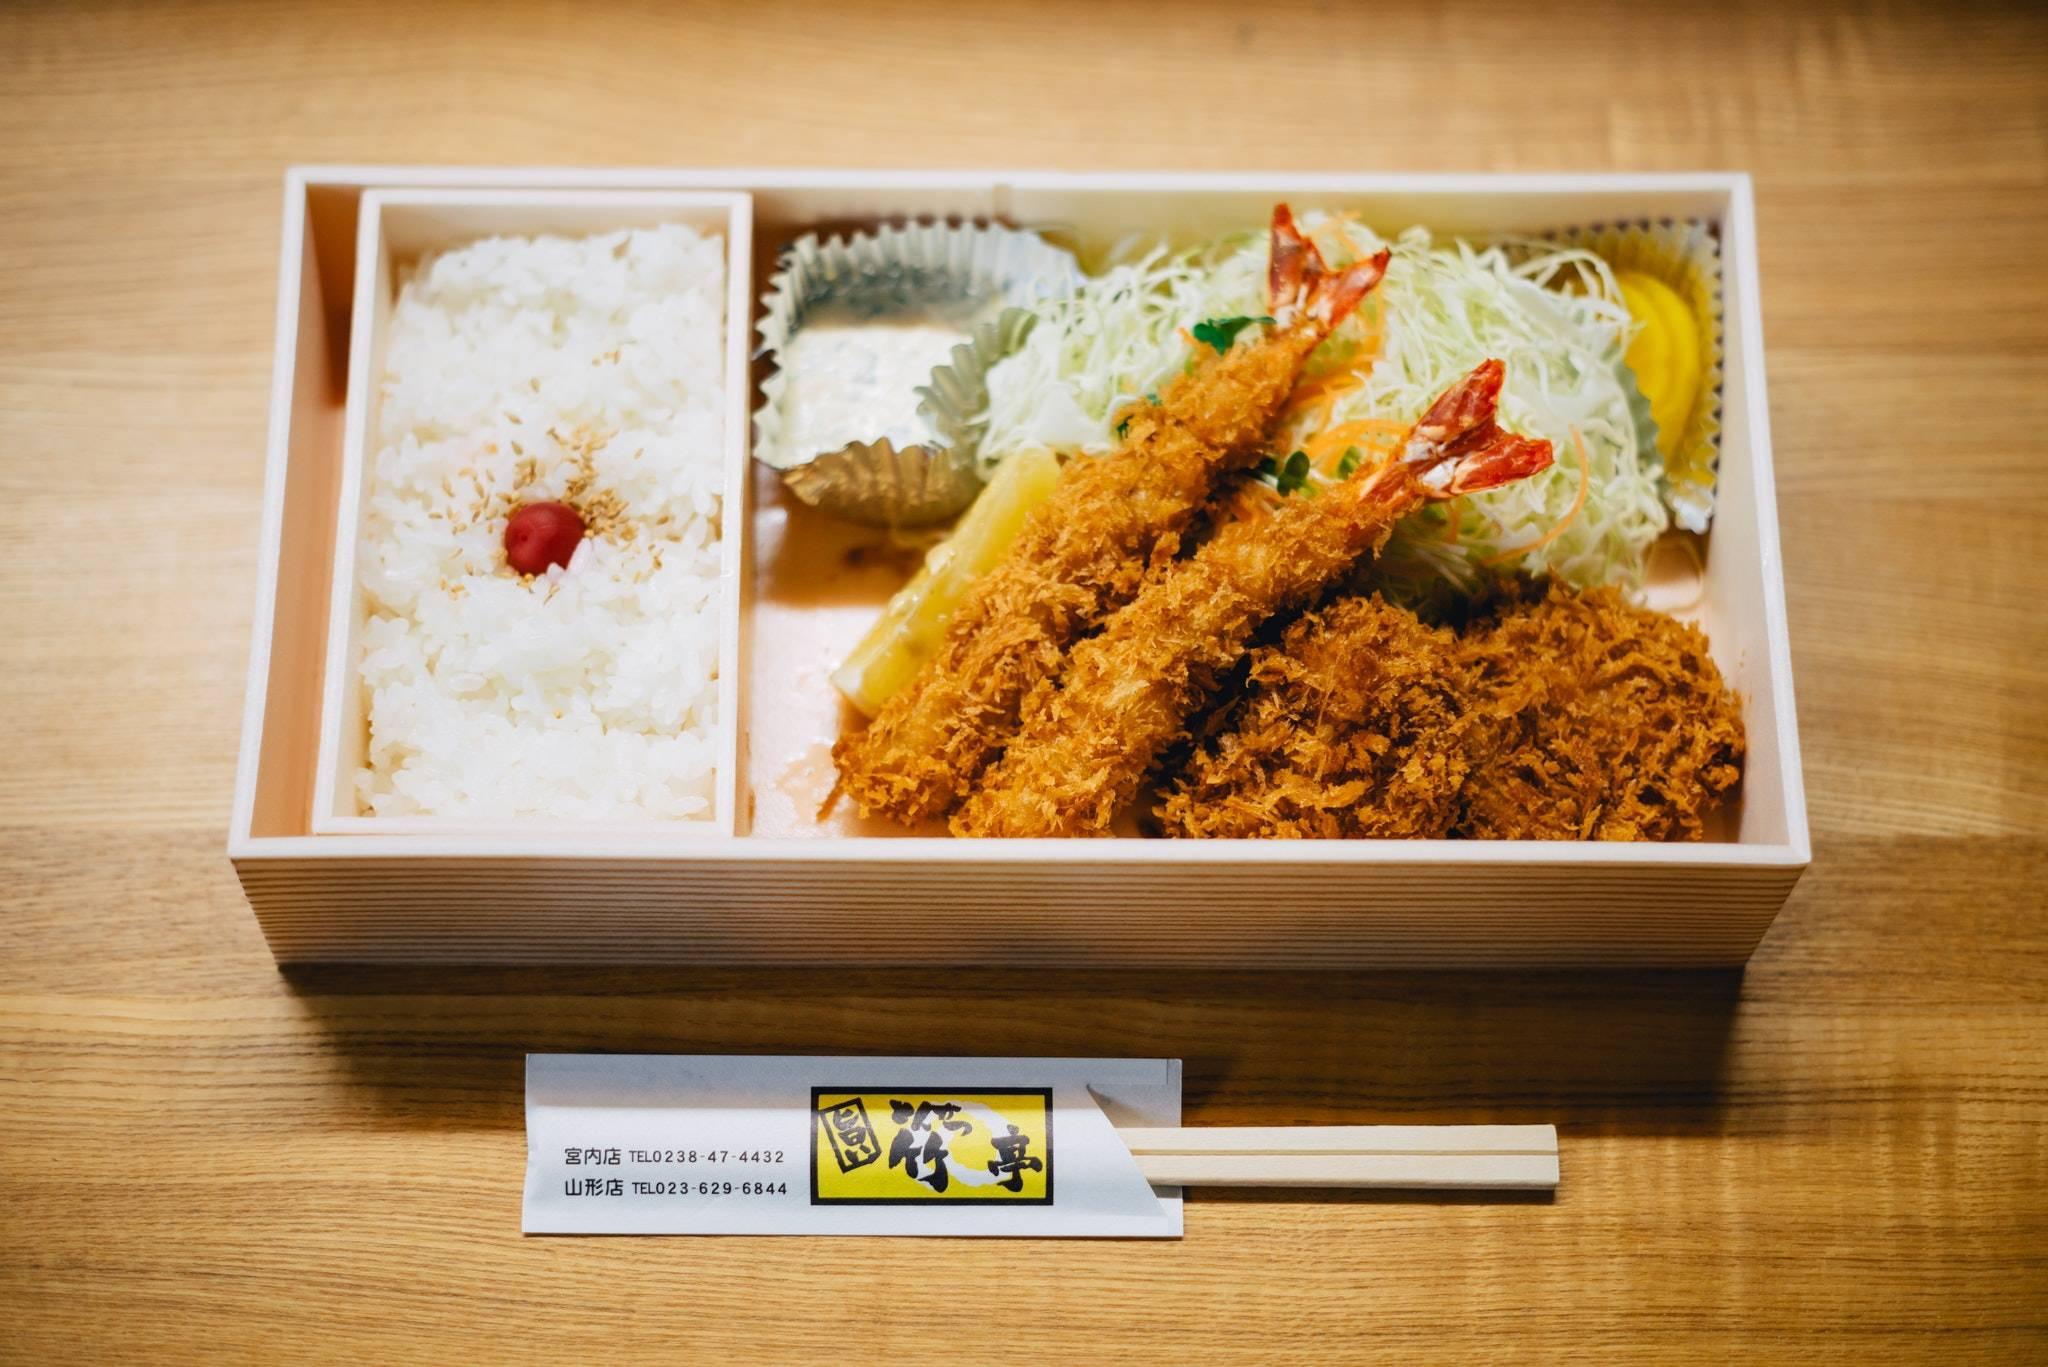 bento-chopsticks-cuisine-tempura-sashimi-japonais-riz-ecologique